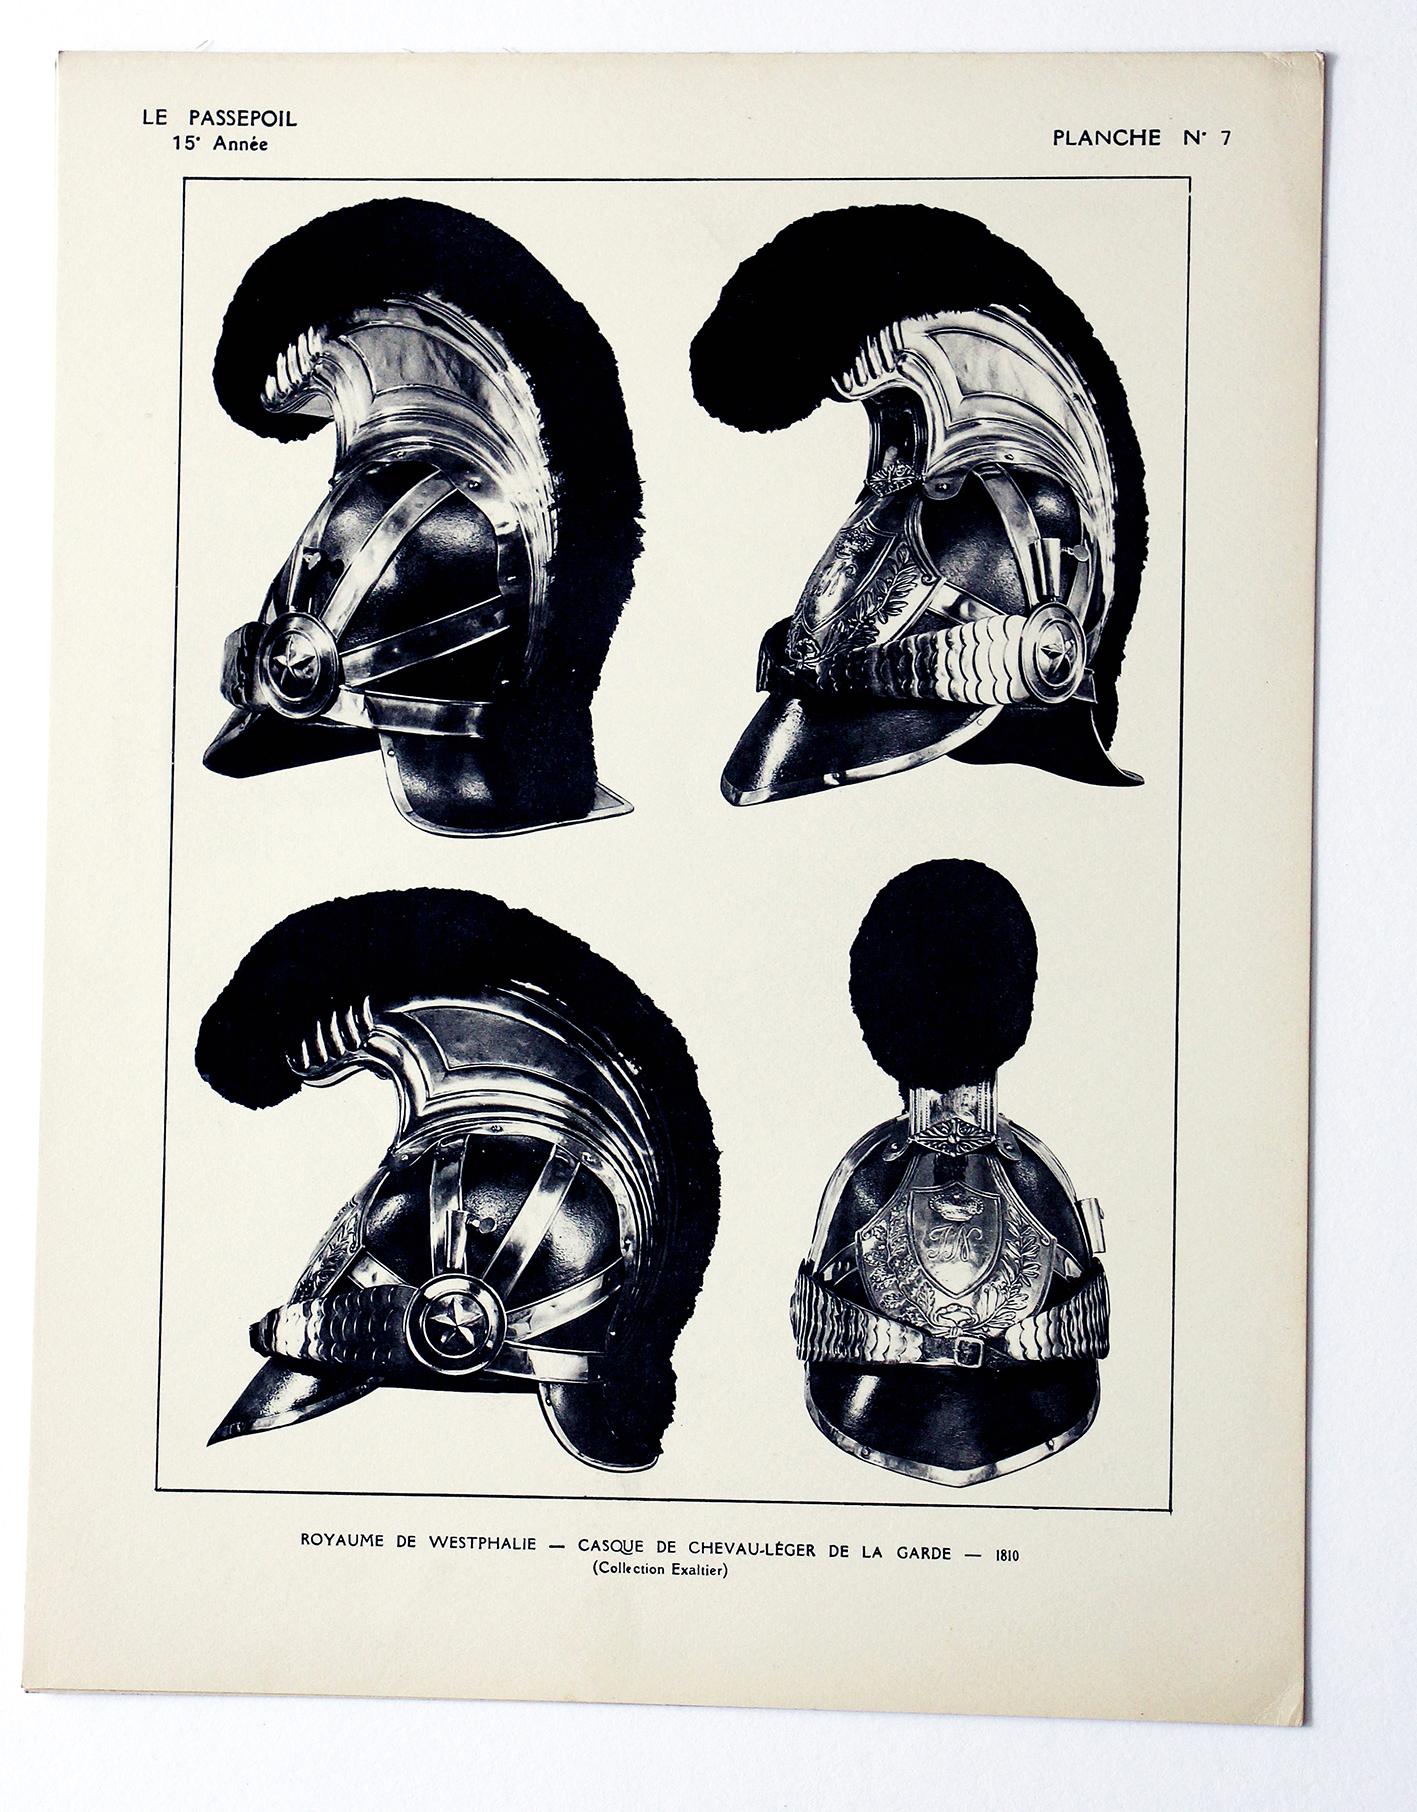 Le passepoil année 1935 incomplète - 15 année N°2 - Bucquoy - Uniformes Armée Française